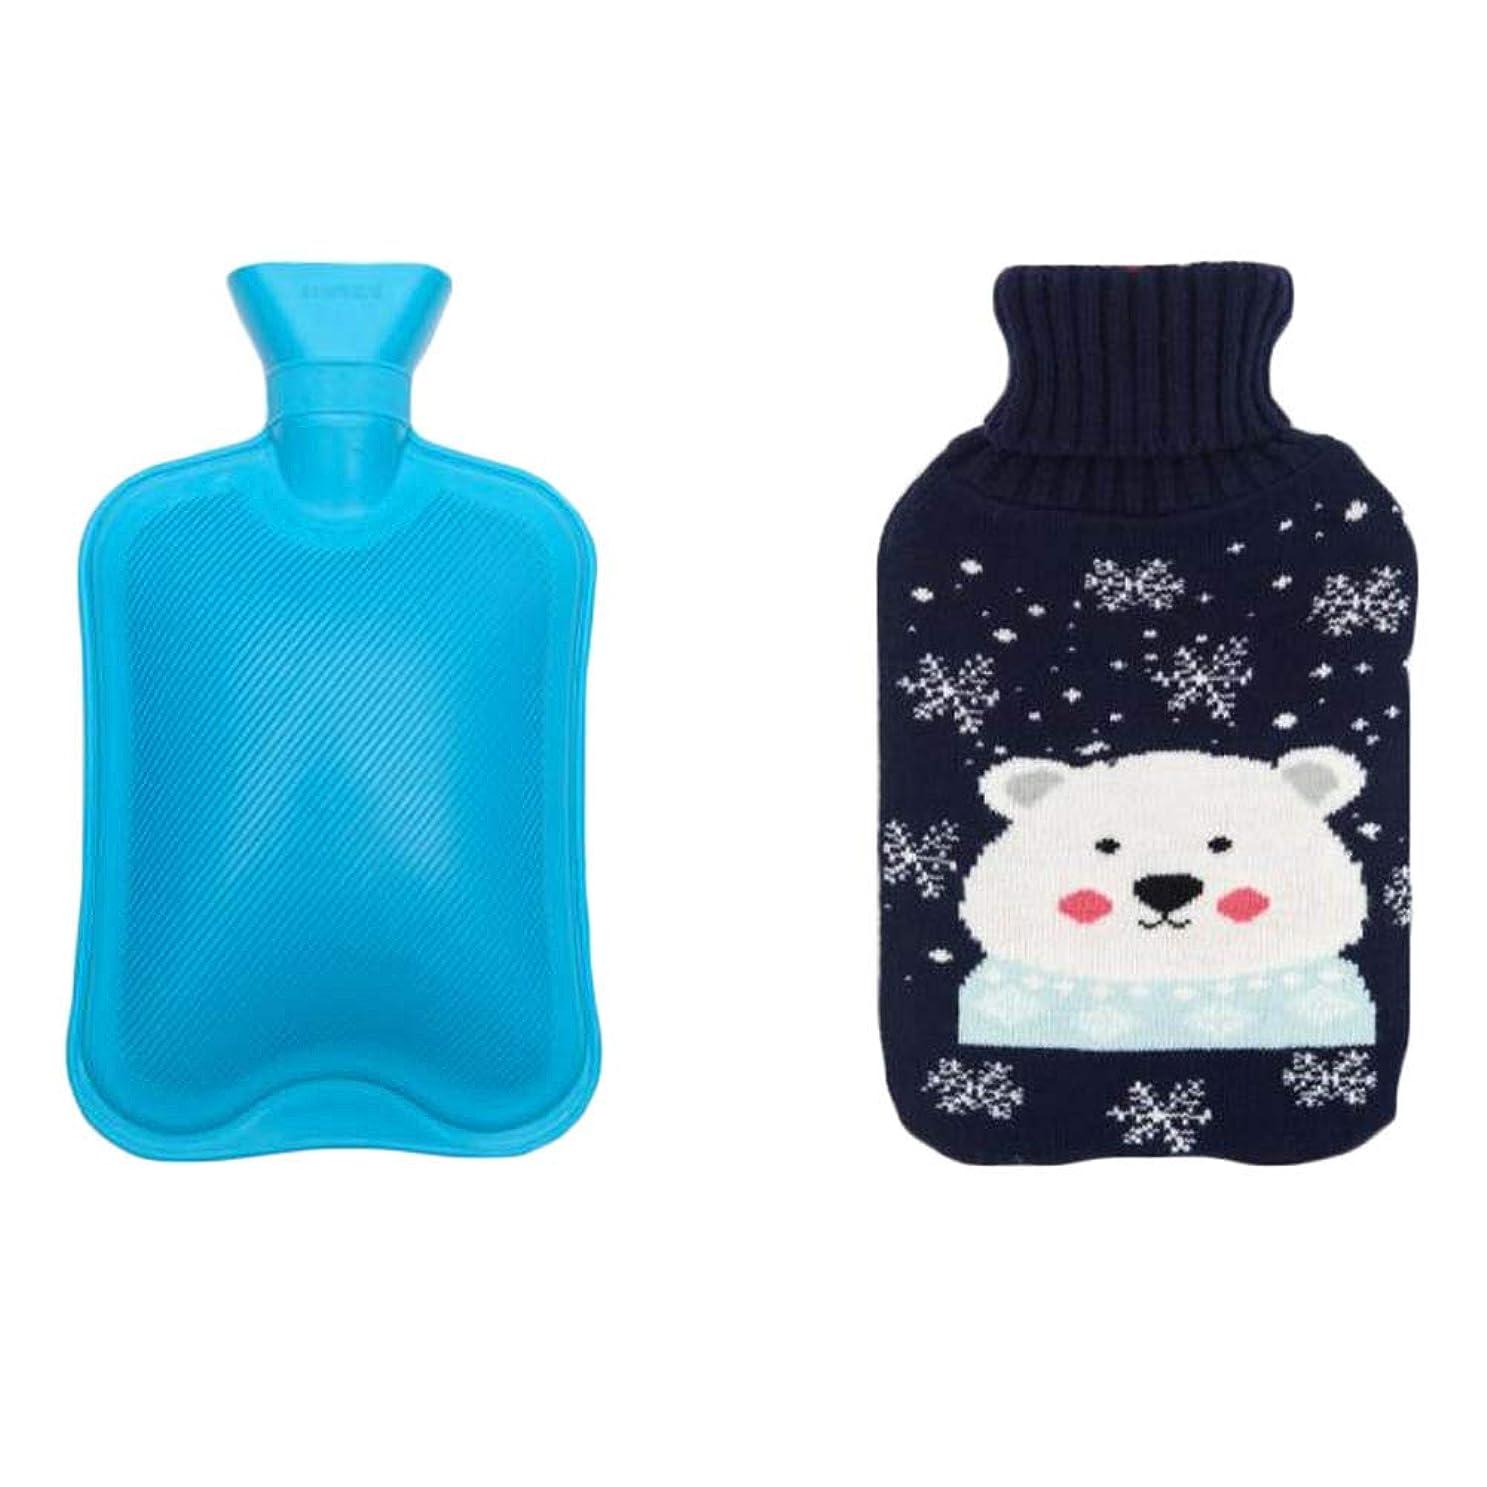 作物とらえどころのない尊敬する1リットルの温水ボトルラブリークマのデザイン